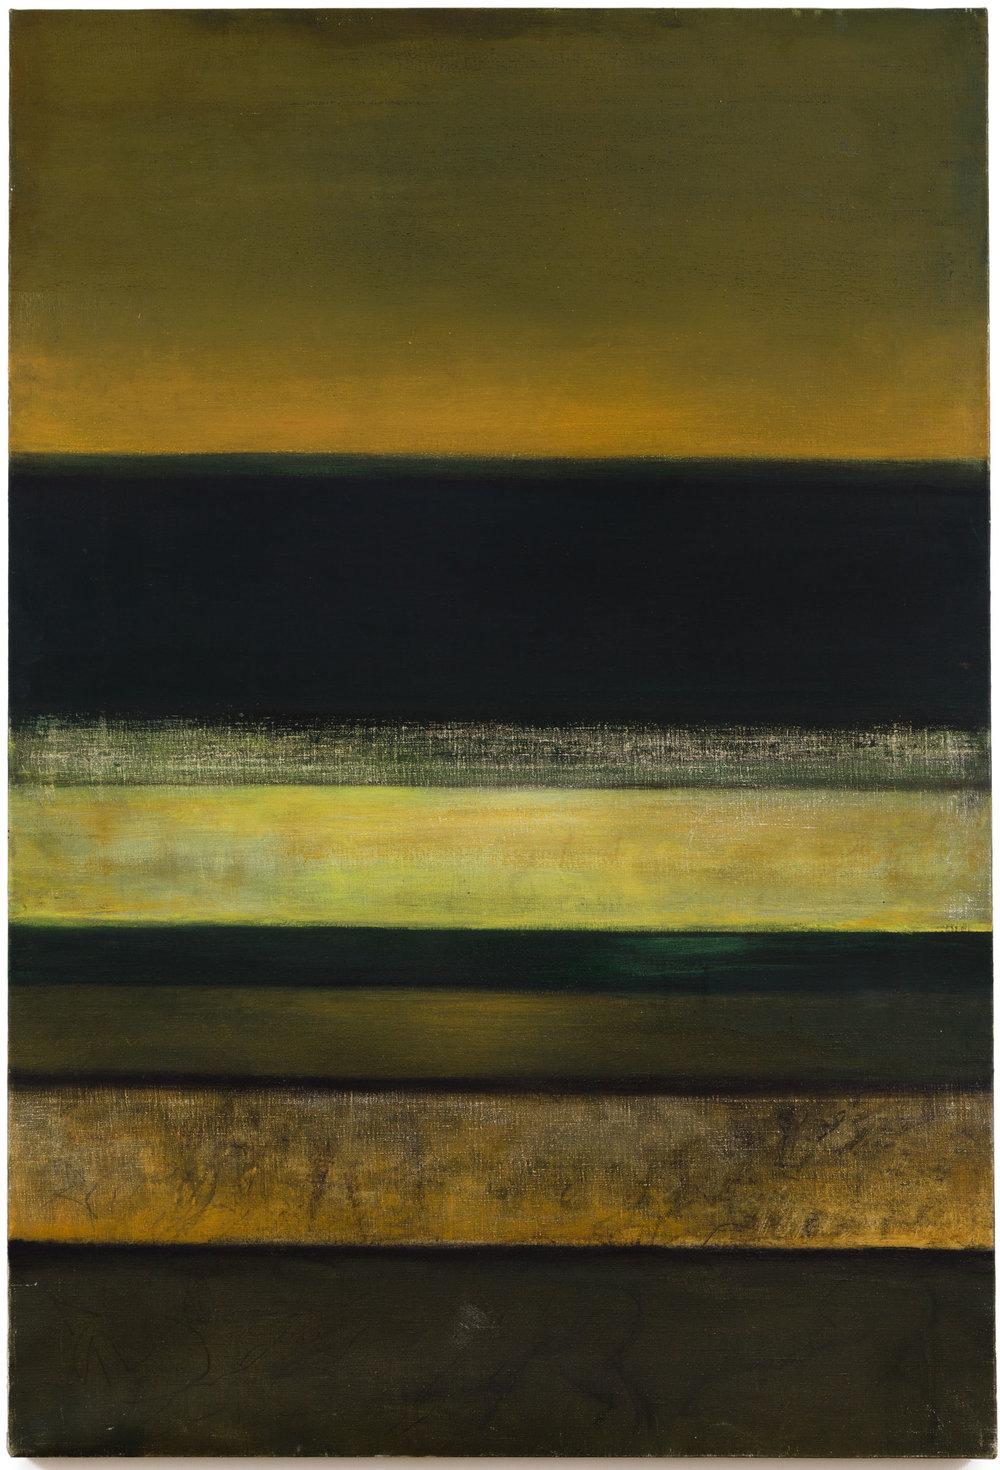 Hedda Sterne, Horizontal #3 , 1965, 58 1/2 in. x 39 1/2 in.